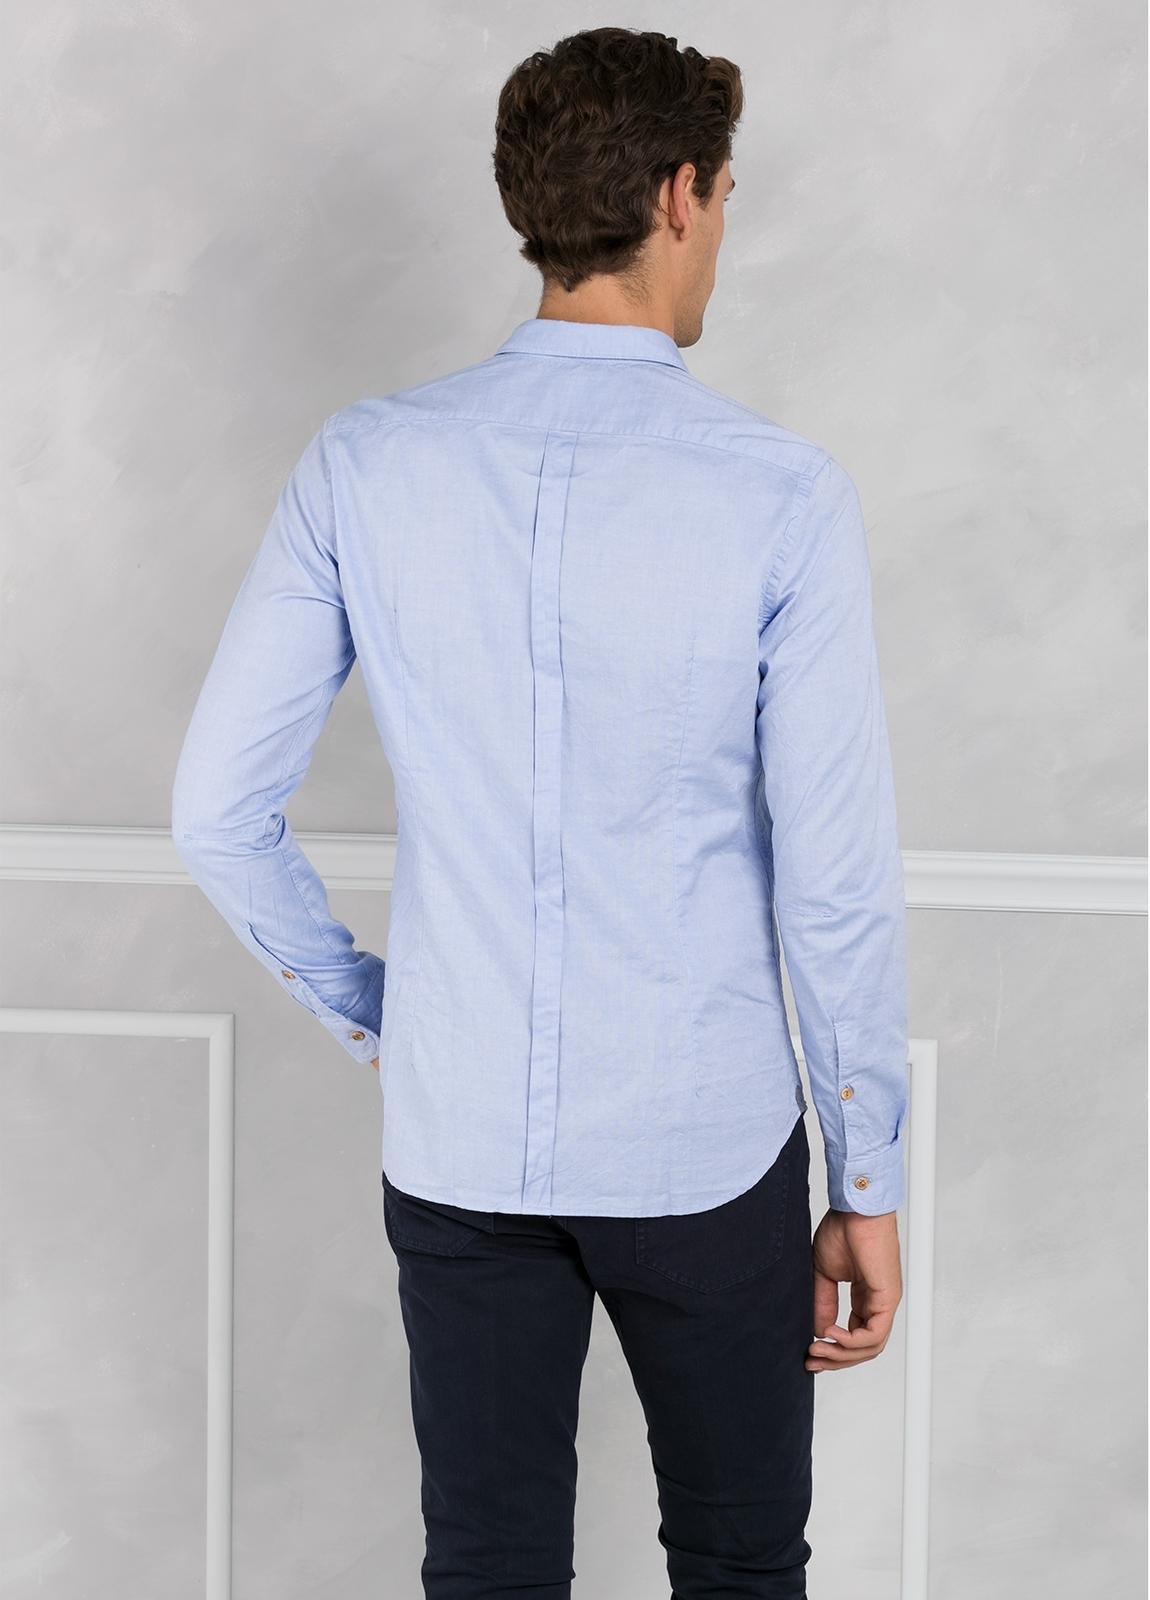 Camisa sport SLIM FIT lisa color celeste con pliegue en espalda. 100% Algodón oxford. - Ítem1